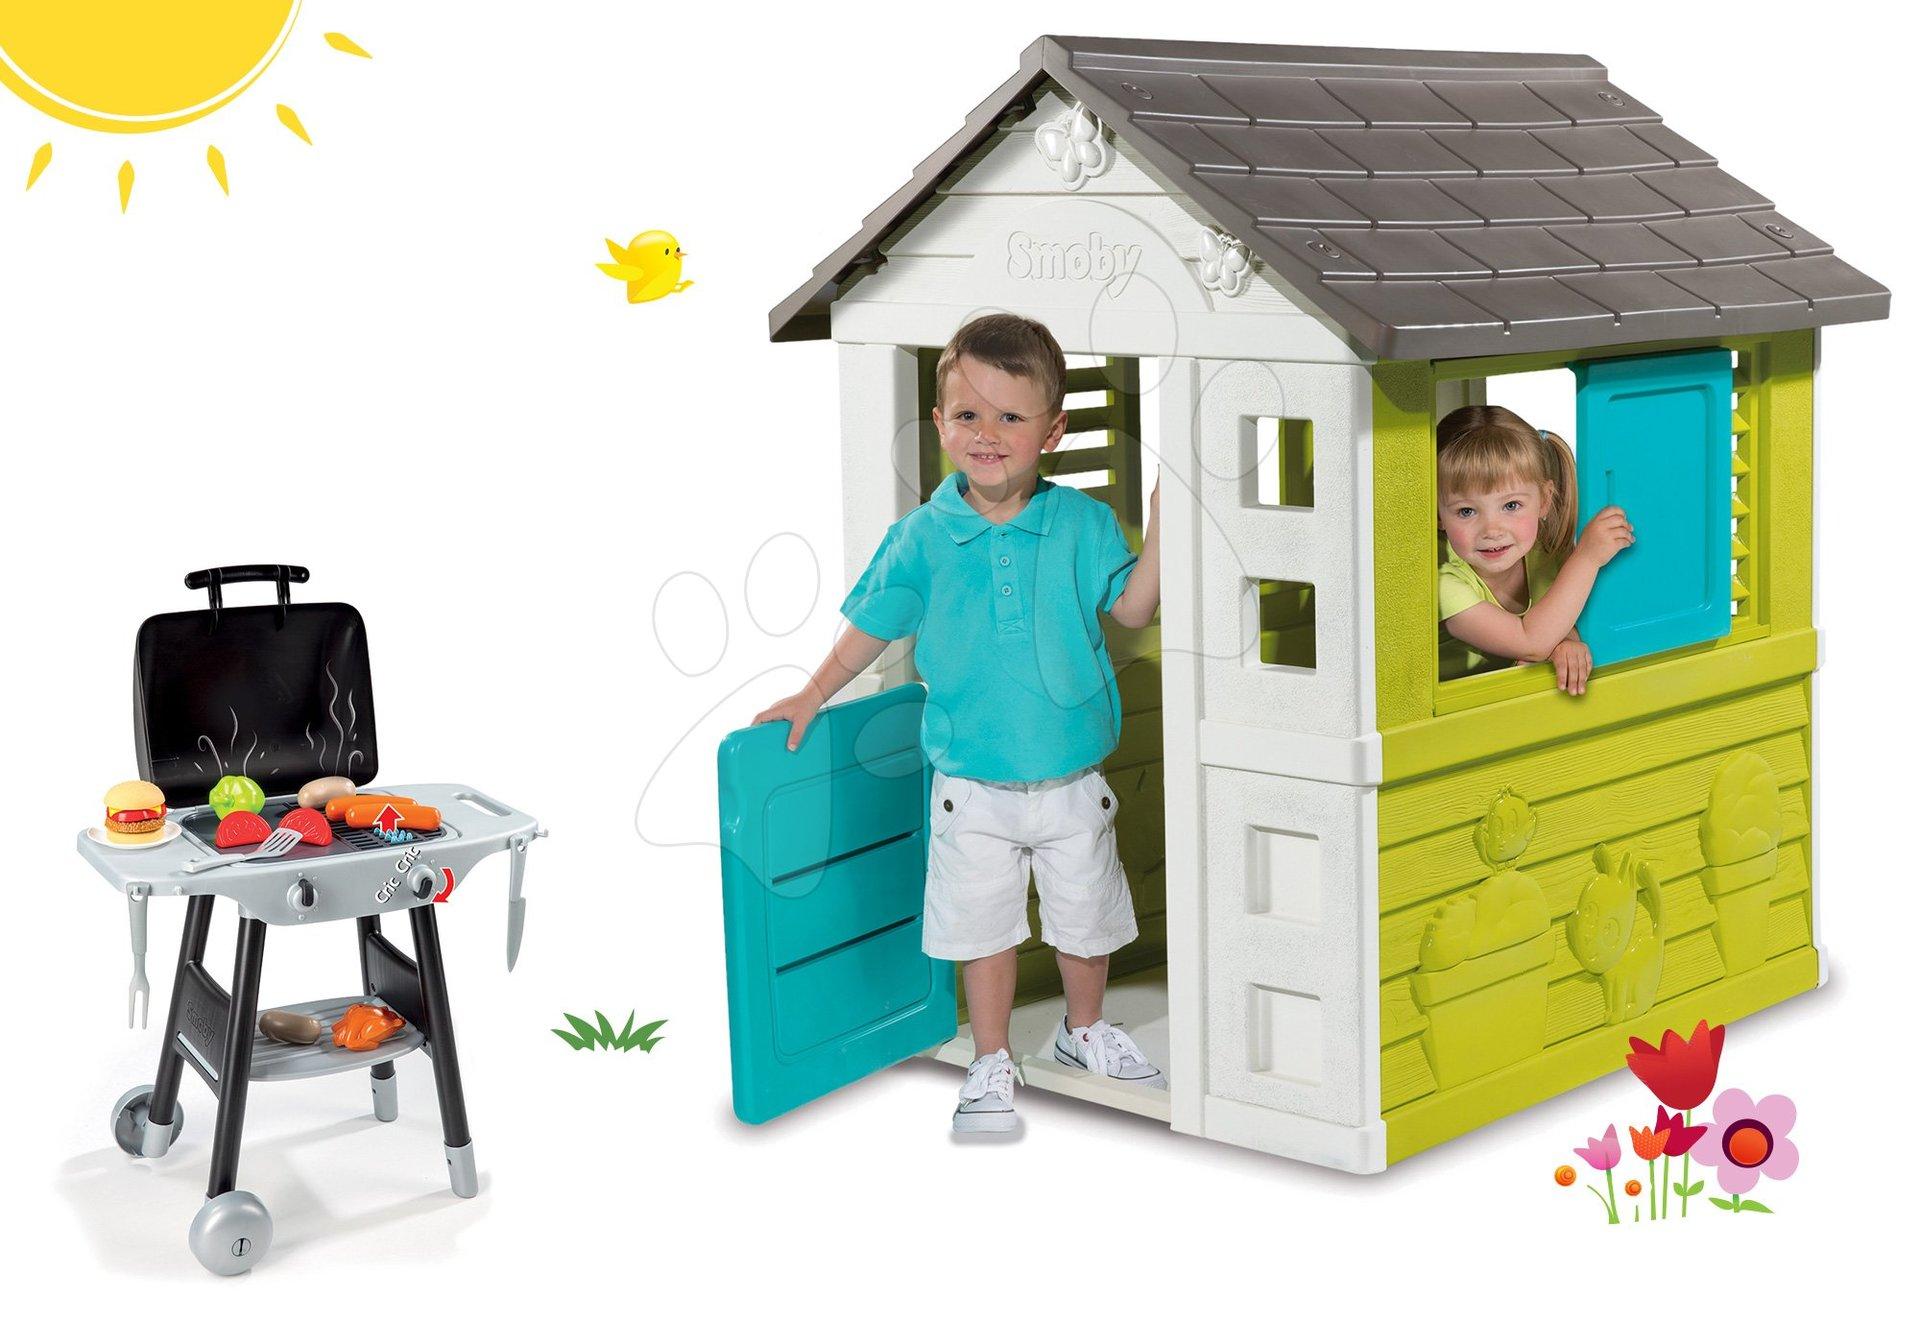 Smoby set domček Pretty Blue so zasúvacou okenicou a kuchynka Barbecue Grill na kolieskach 310064-12